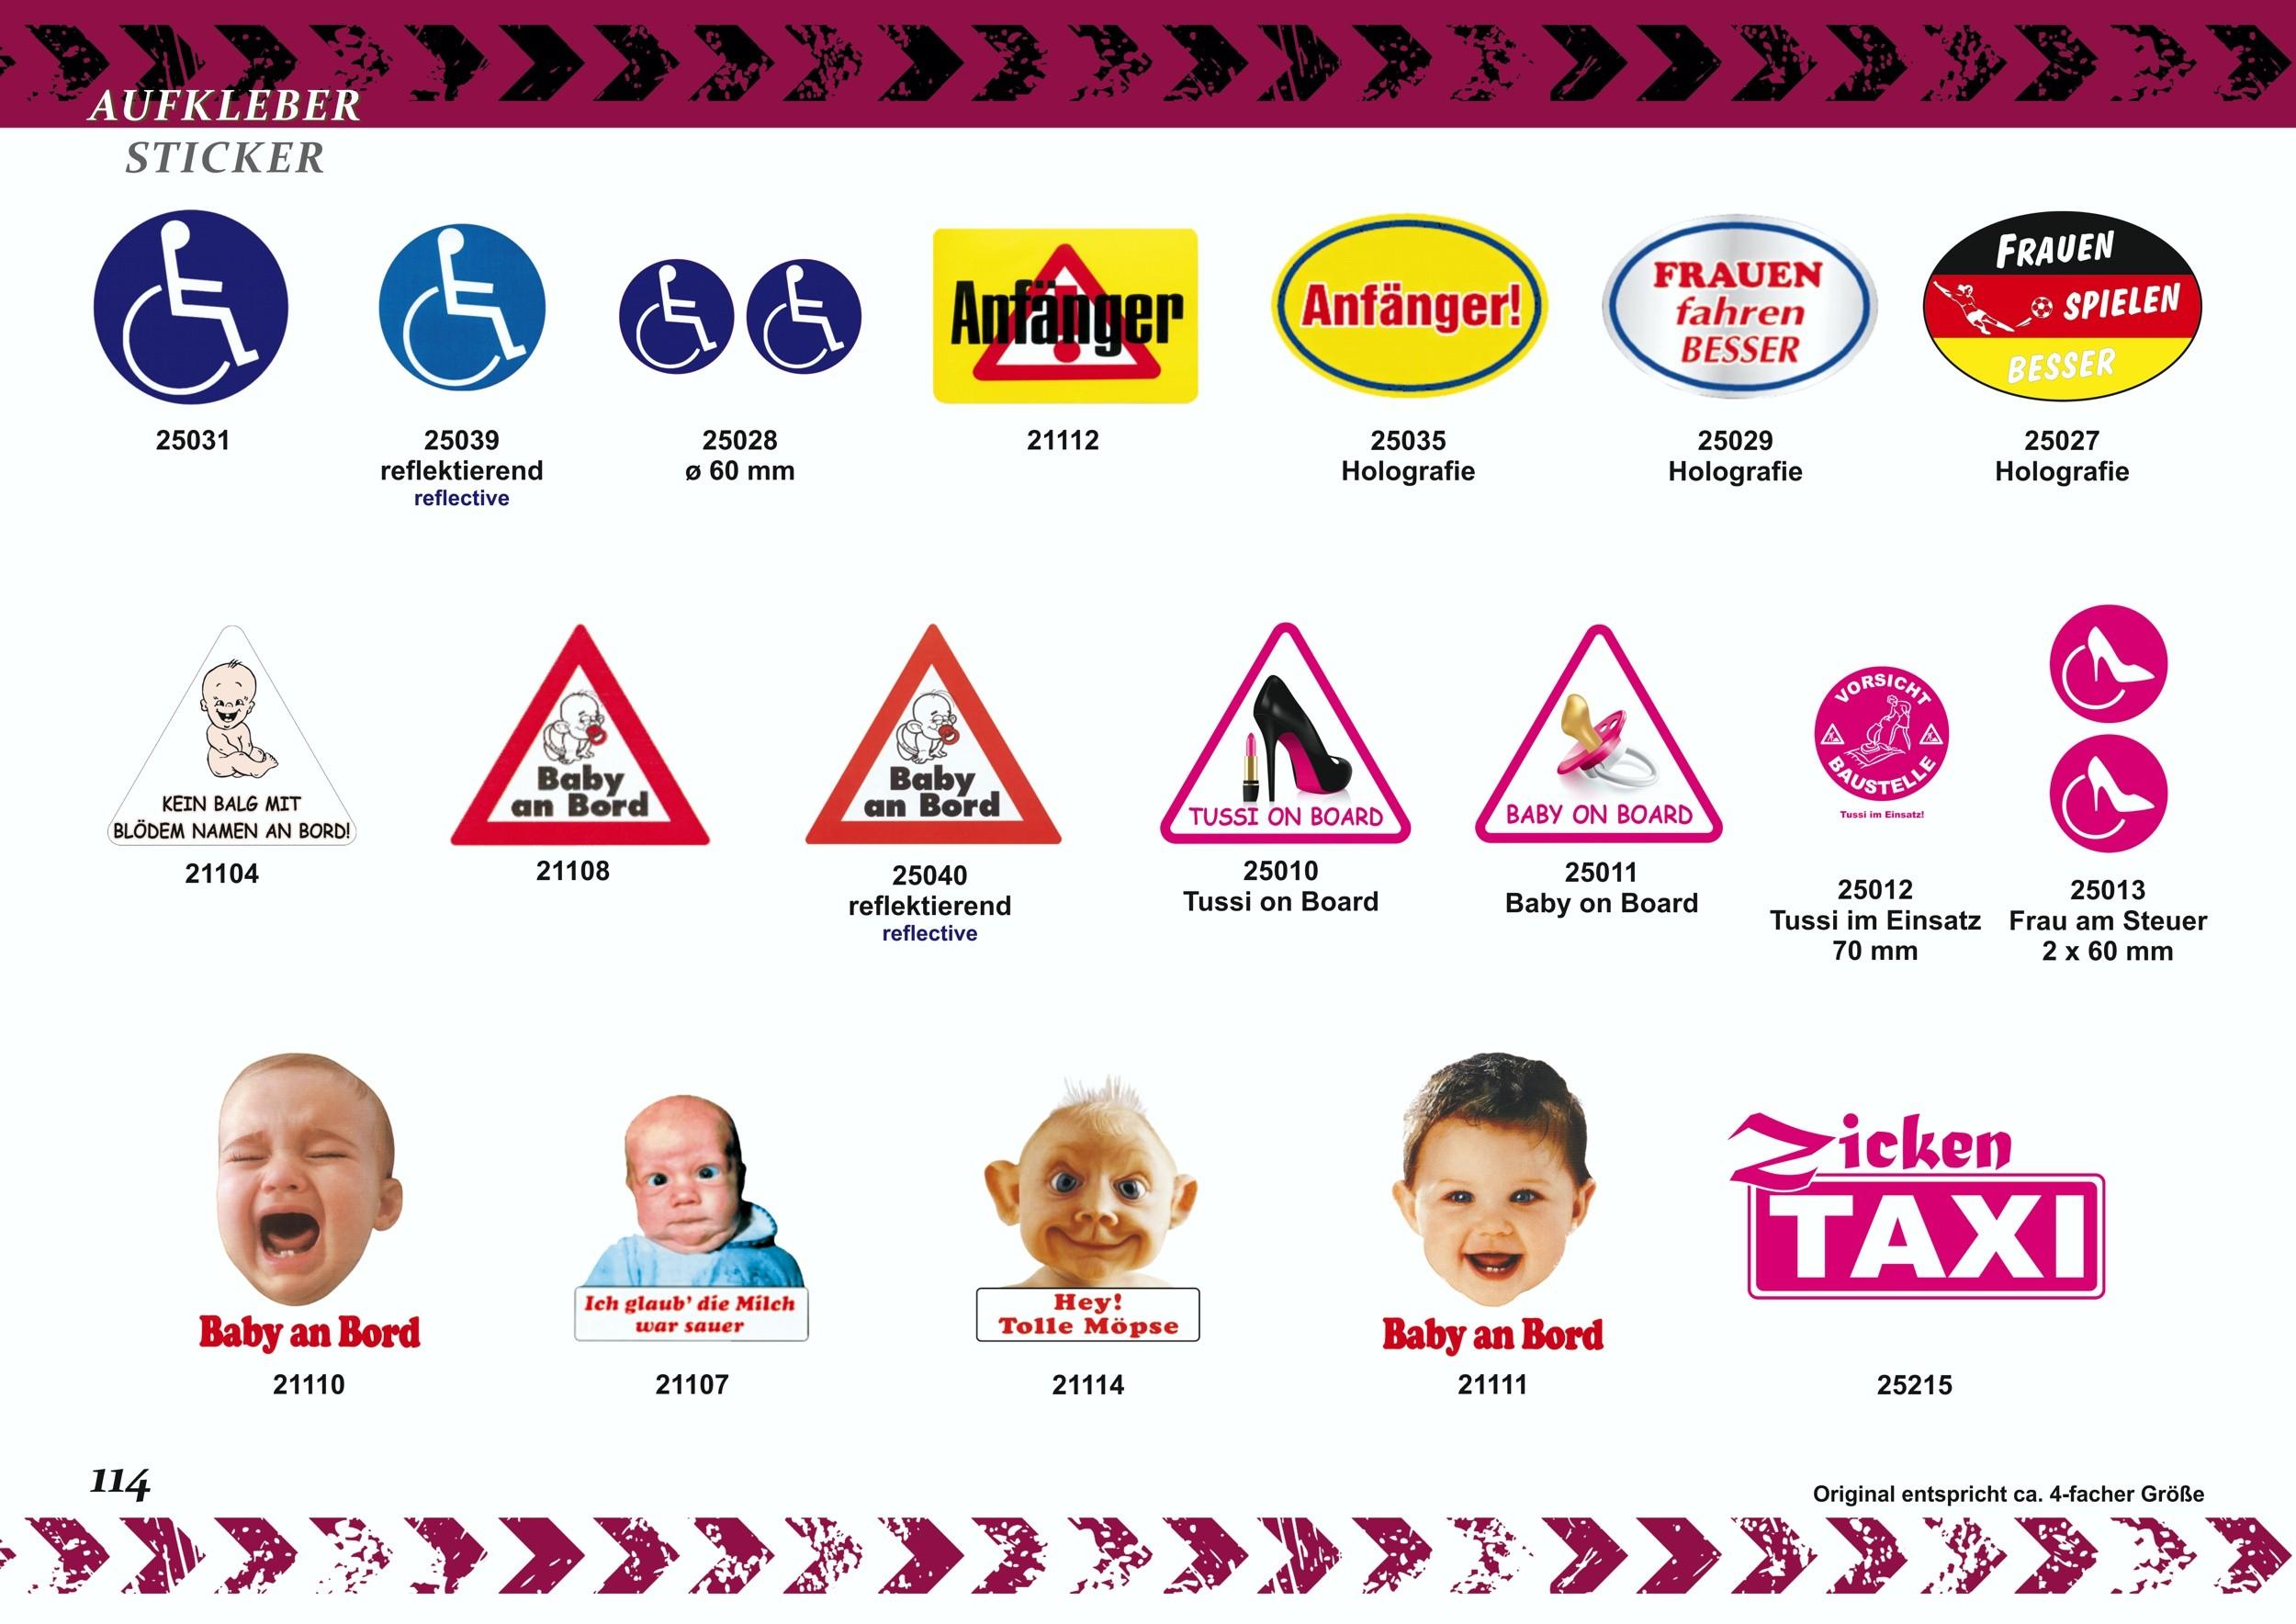 Aufkleber Warnung - Ansaugbereich  Kinder Tiere & Kleinwagen unbedingt fernhalten! – Bild 7